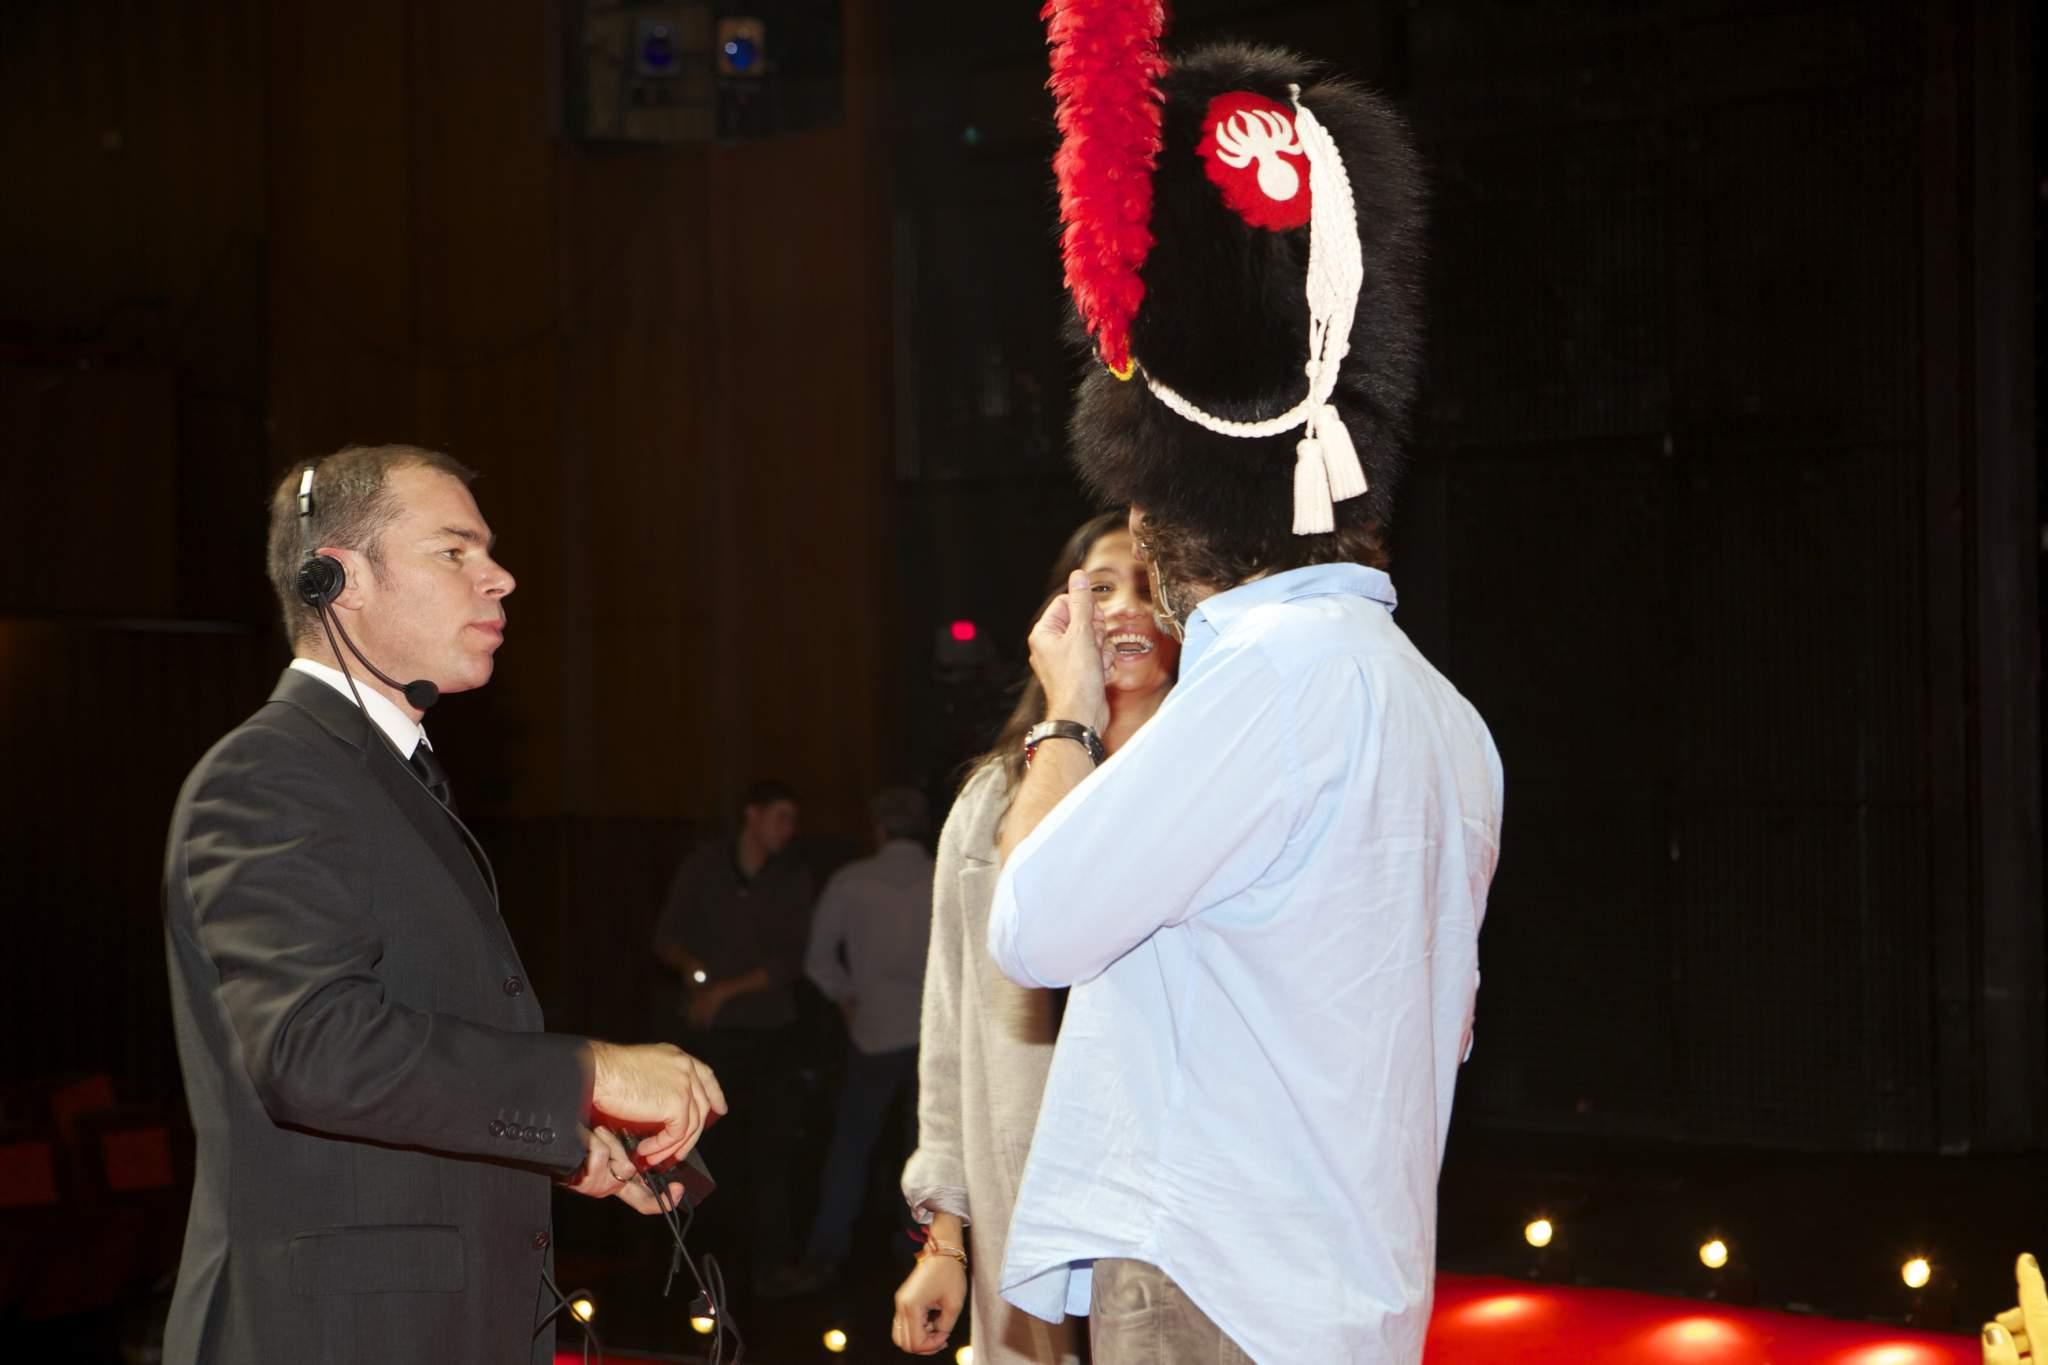 Vincent Gonet (CEO de Point Prod' SA), Melanie Winiger et Frédéric Beigbeder (présentateurs de la cérémonie du GPHG 2014)